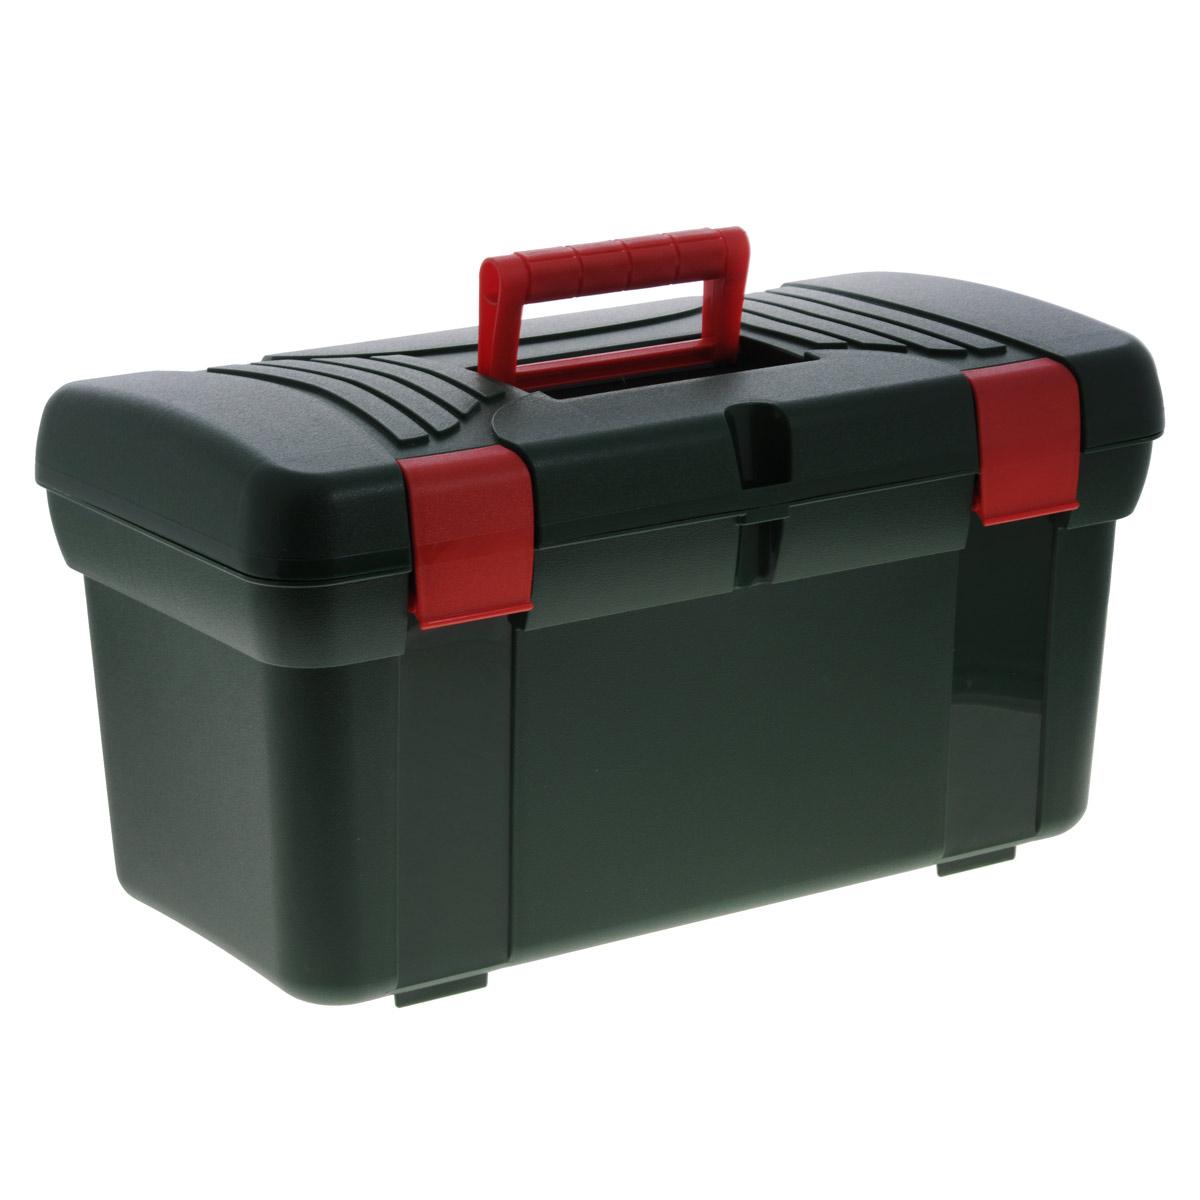 Ящик Универсал, 50 х 26 х 27 смБрелок для ключейЯщик Универсал выполнен из прочного пластика и предназначен для хранения инструментов и других бытовых мелочей. Изделие оснащено ручкой для удобной переноски. В комплект входит съемный лоток с ручкой. Крышка плотно закрывается на две защелки. Ящик Универсал будет незаменим в хозяйстве. Размер ящика: 50 см х 26 см х 27 см. Размер лотка: 48,5 см х 23 см х 7 см.